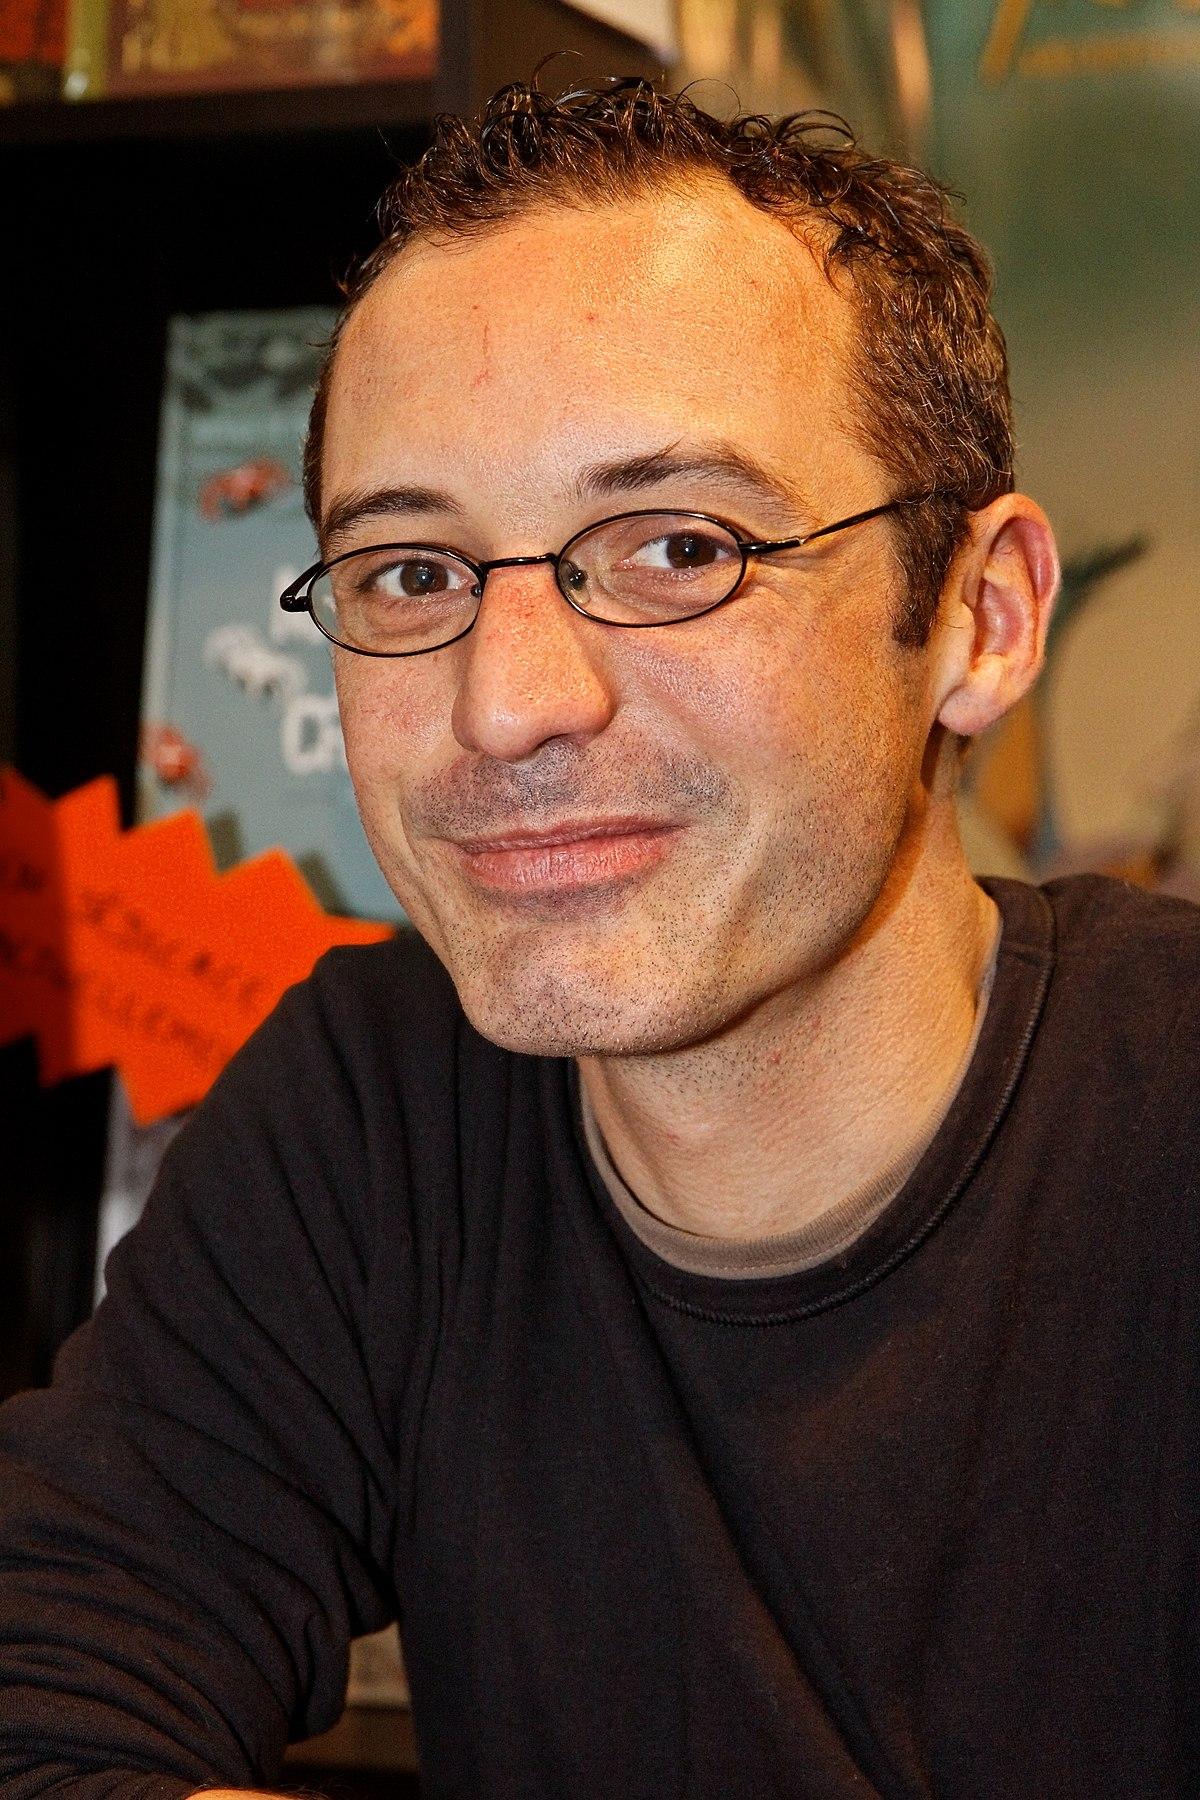 Arthur de Pins - Viquipèdia, l'enciclopèdia lliure